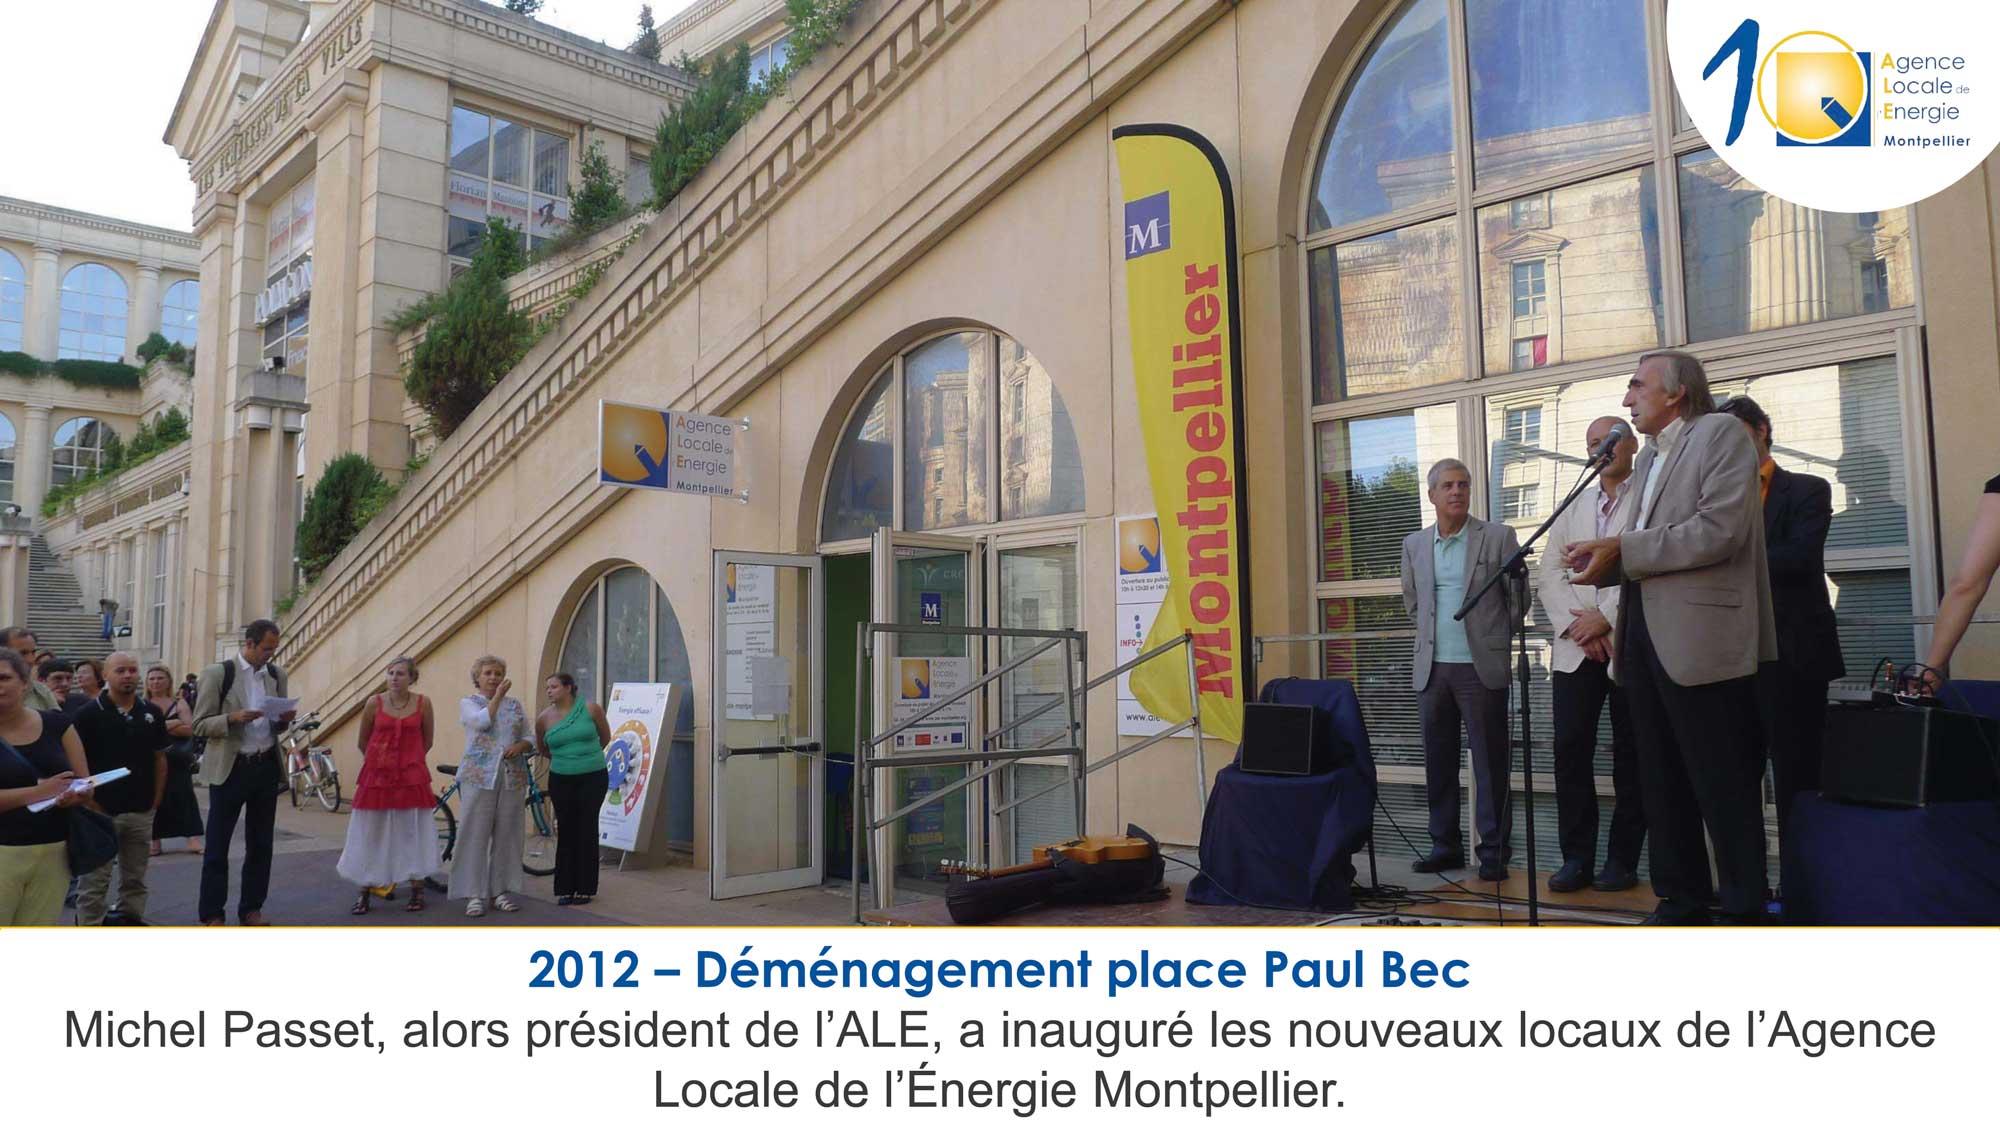 2012 - inauguration des nouveaux locaux de l'Agence Locale de l'energie